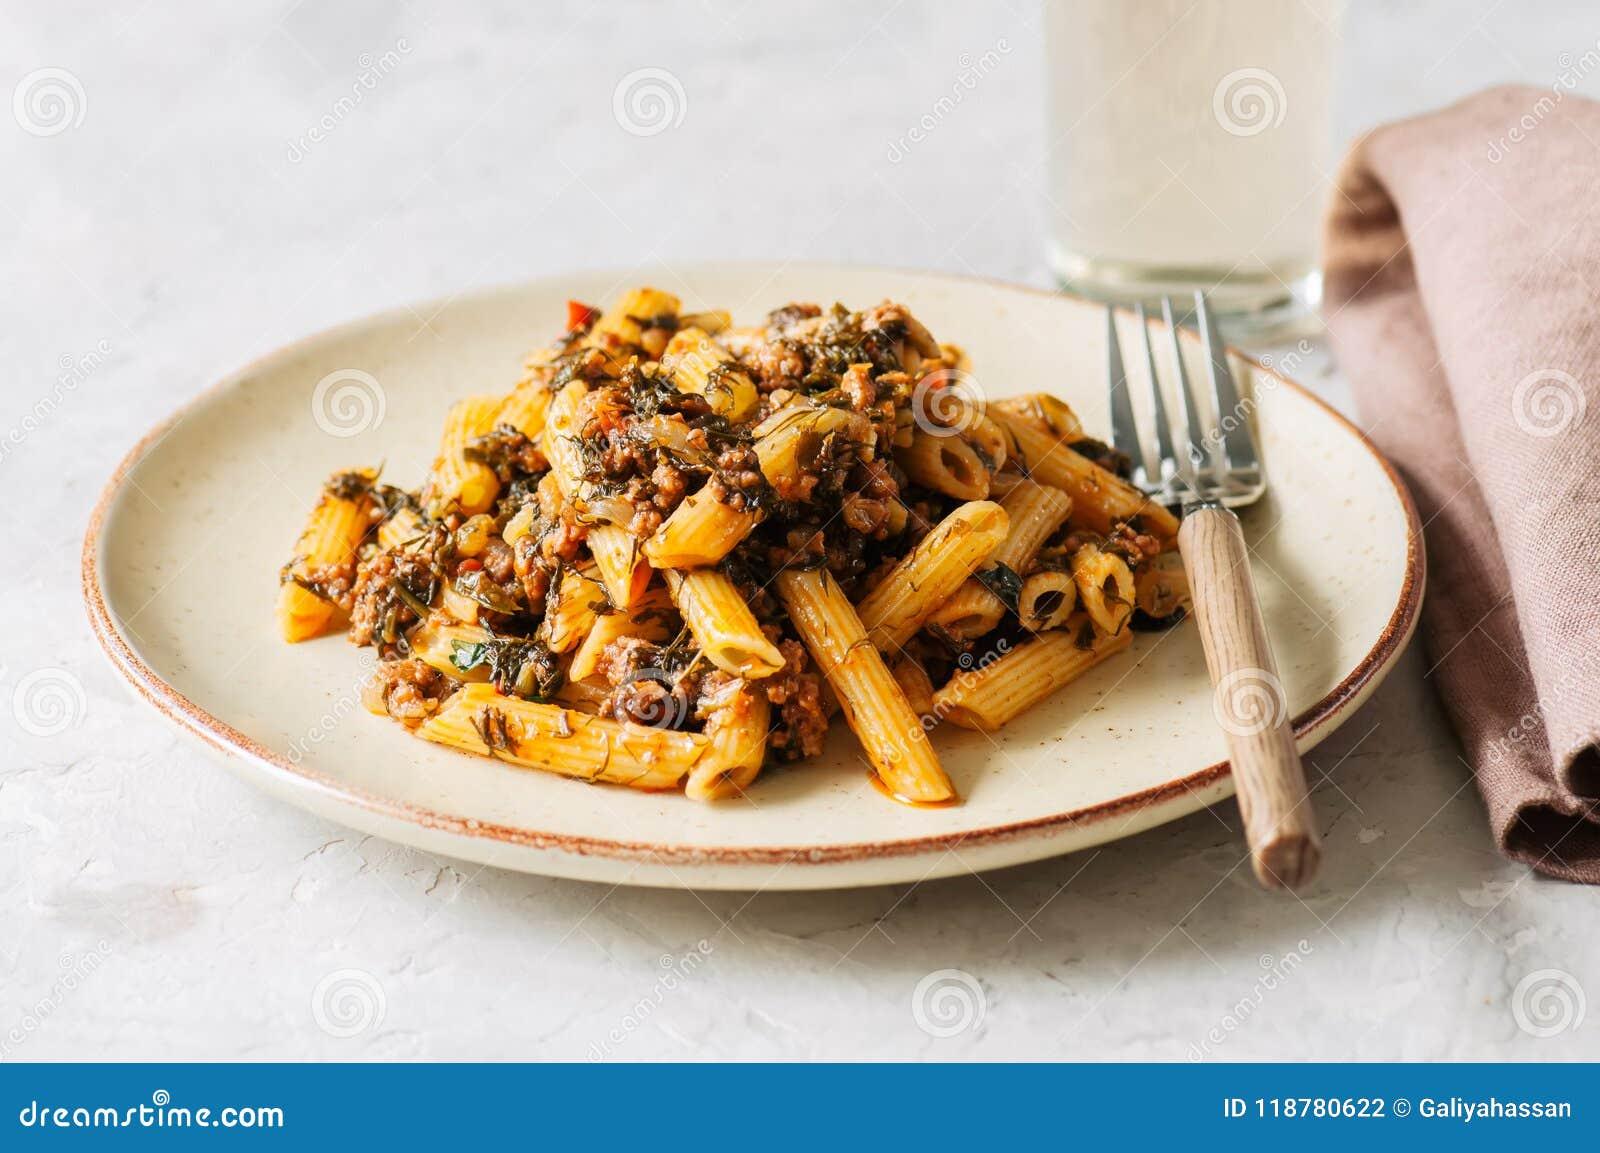 Tomato sauce ground beef pasta on a white stone background. Tone